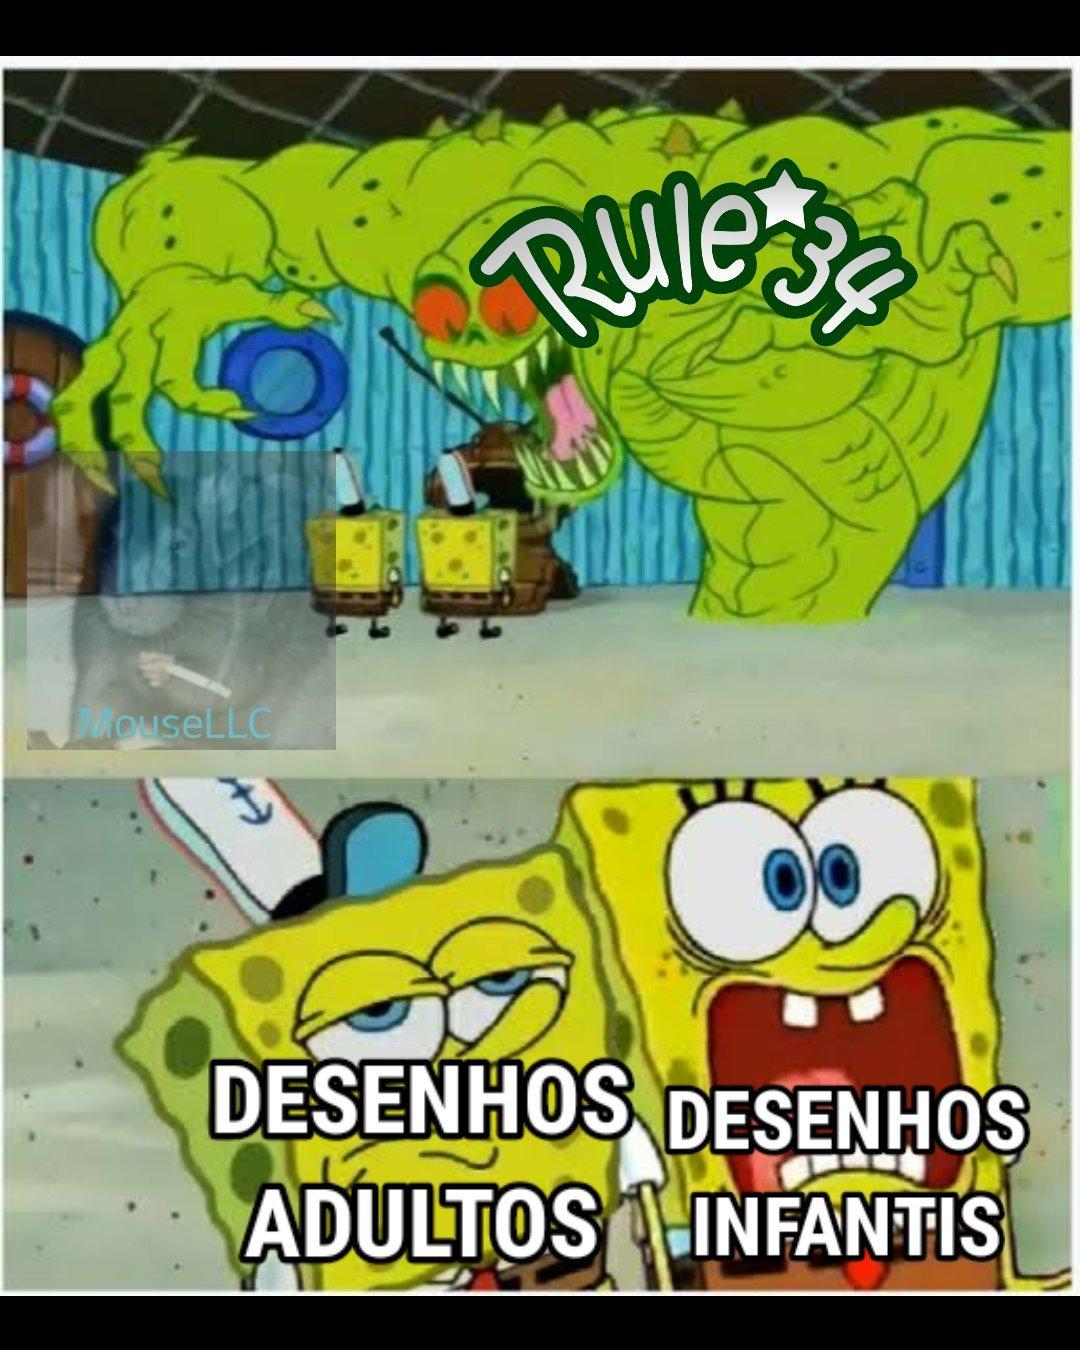 TÏTÛLØ - meme